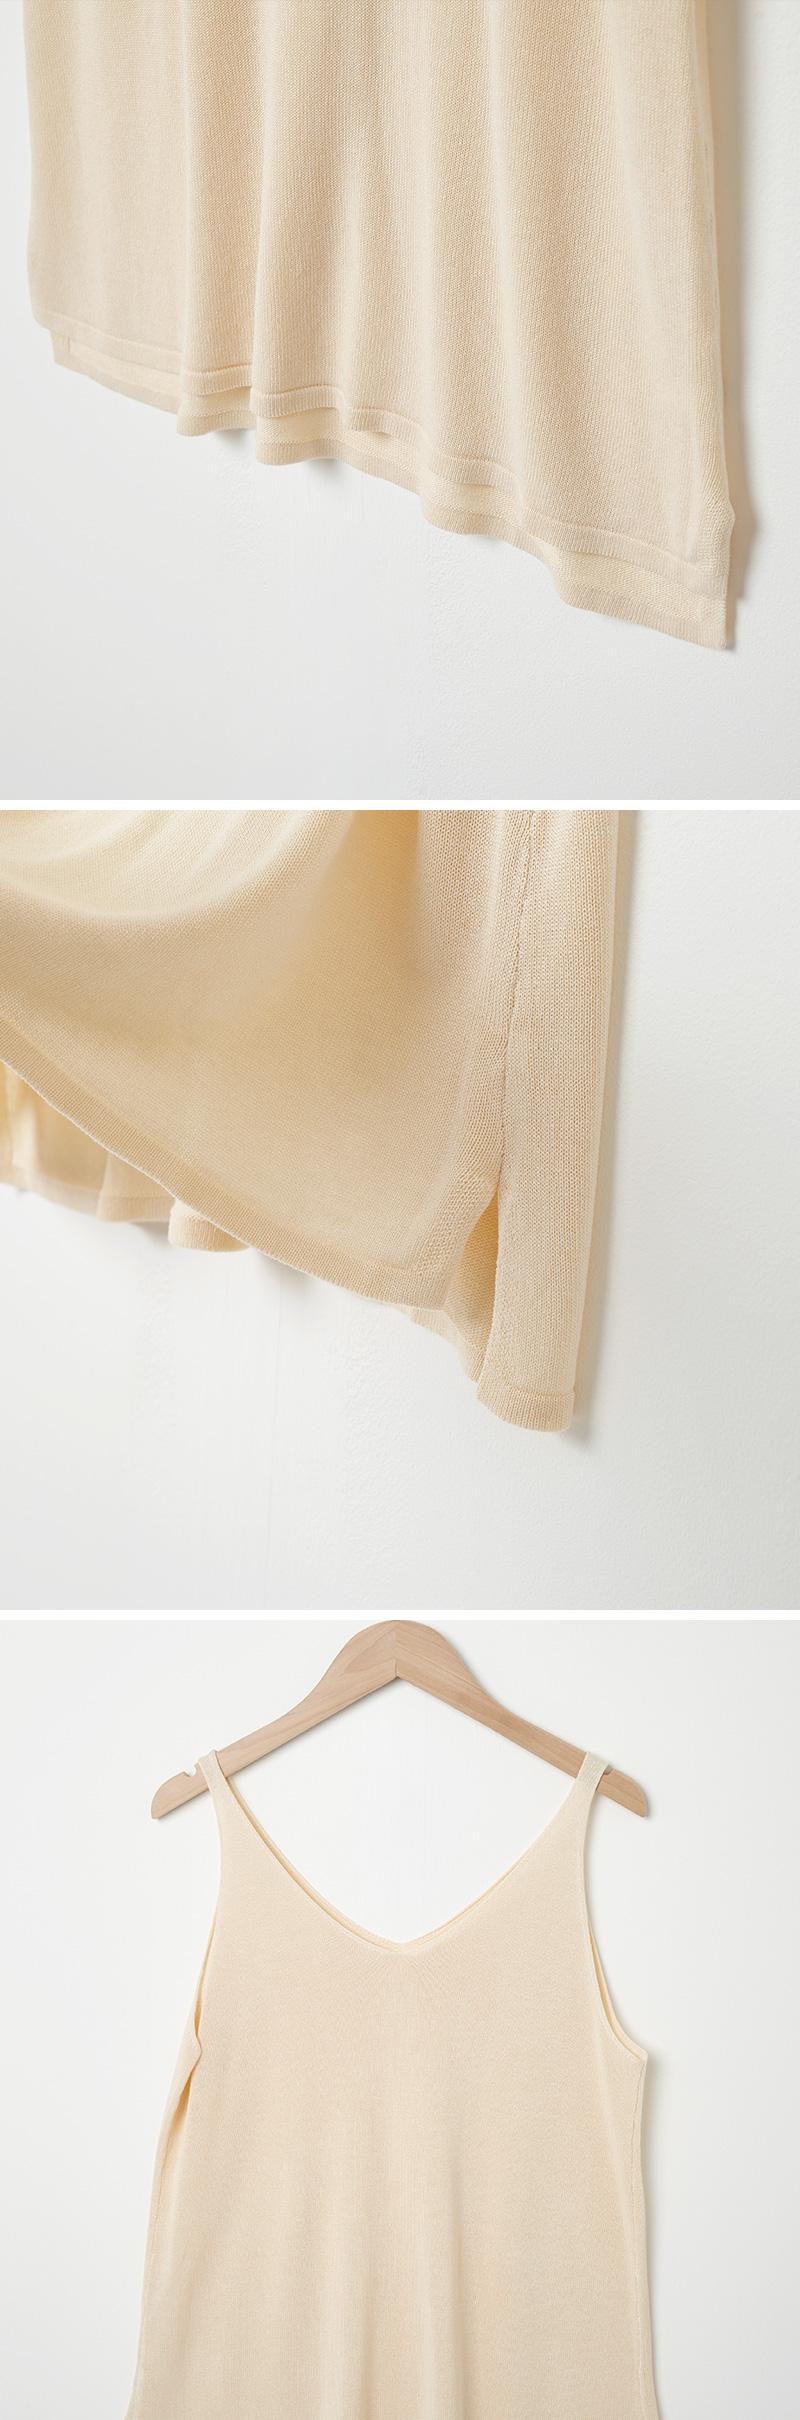 Mi Knitwear Im V Neck Knit Sleeveless